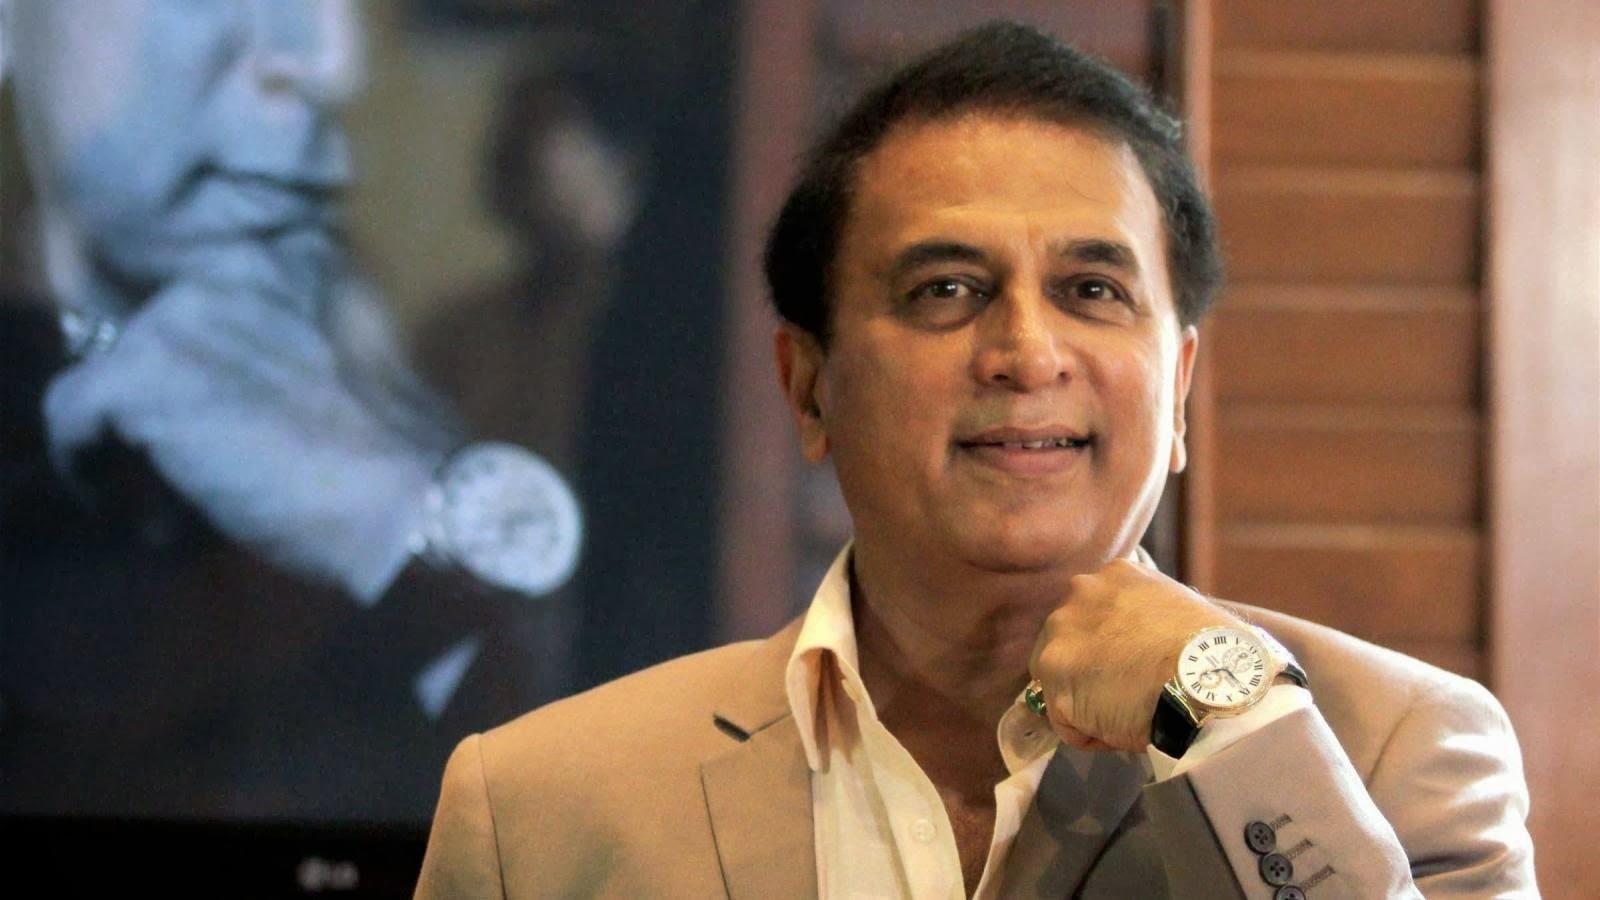 महेंद्र सिंह धोनी से पहले इन भारतीय क्रिकेटरों को मिल चुका है देश का सबसे बड़ा सम्मान पद्म भूषण 4